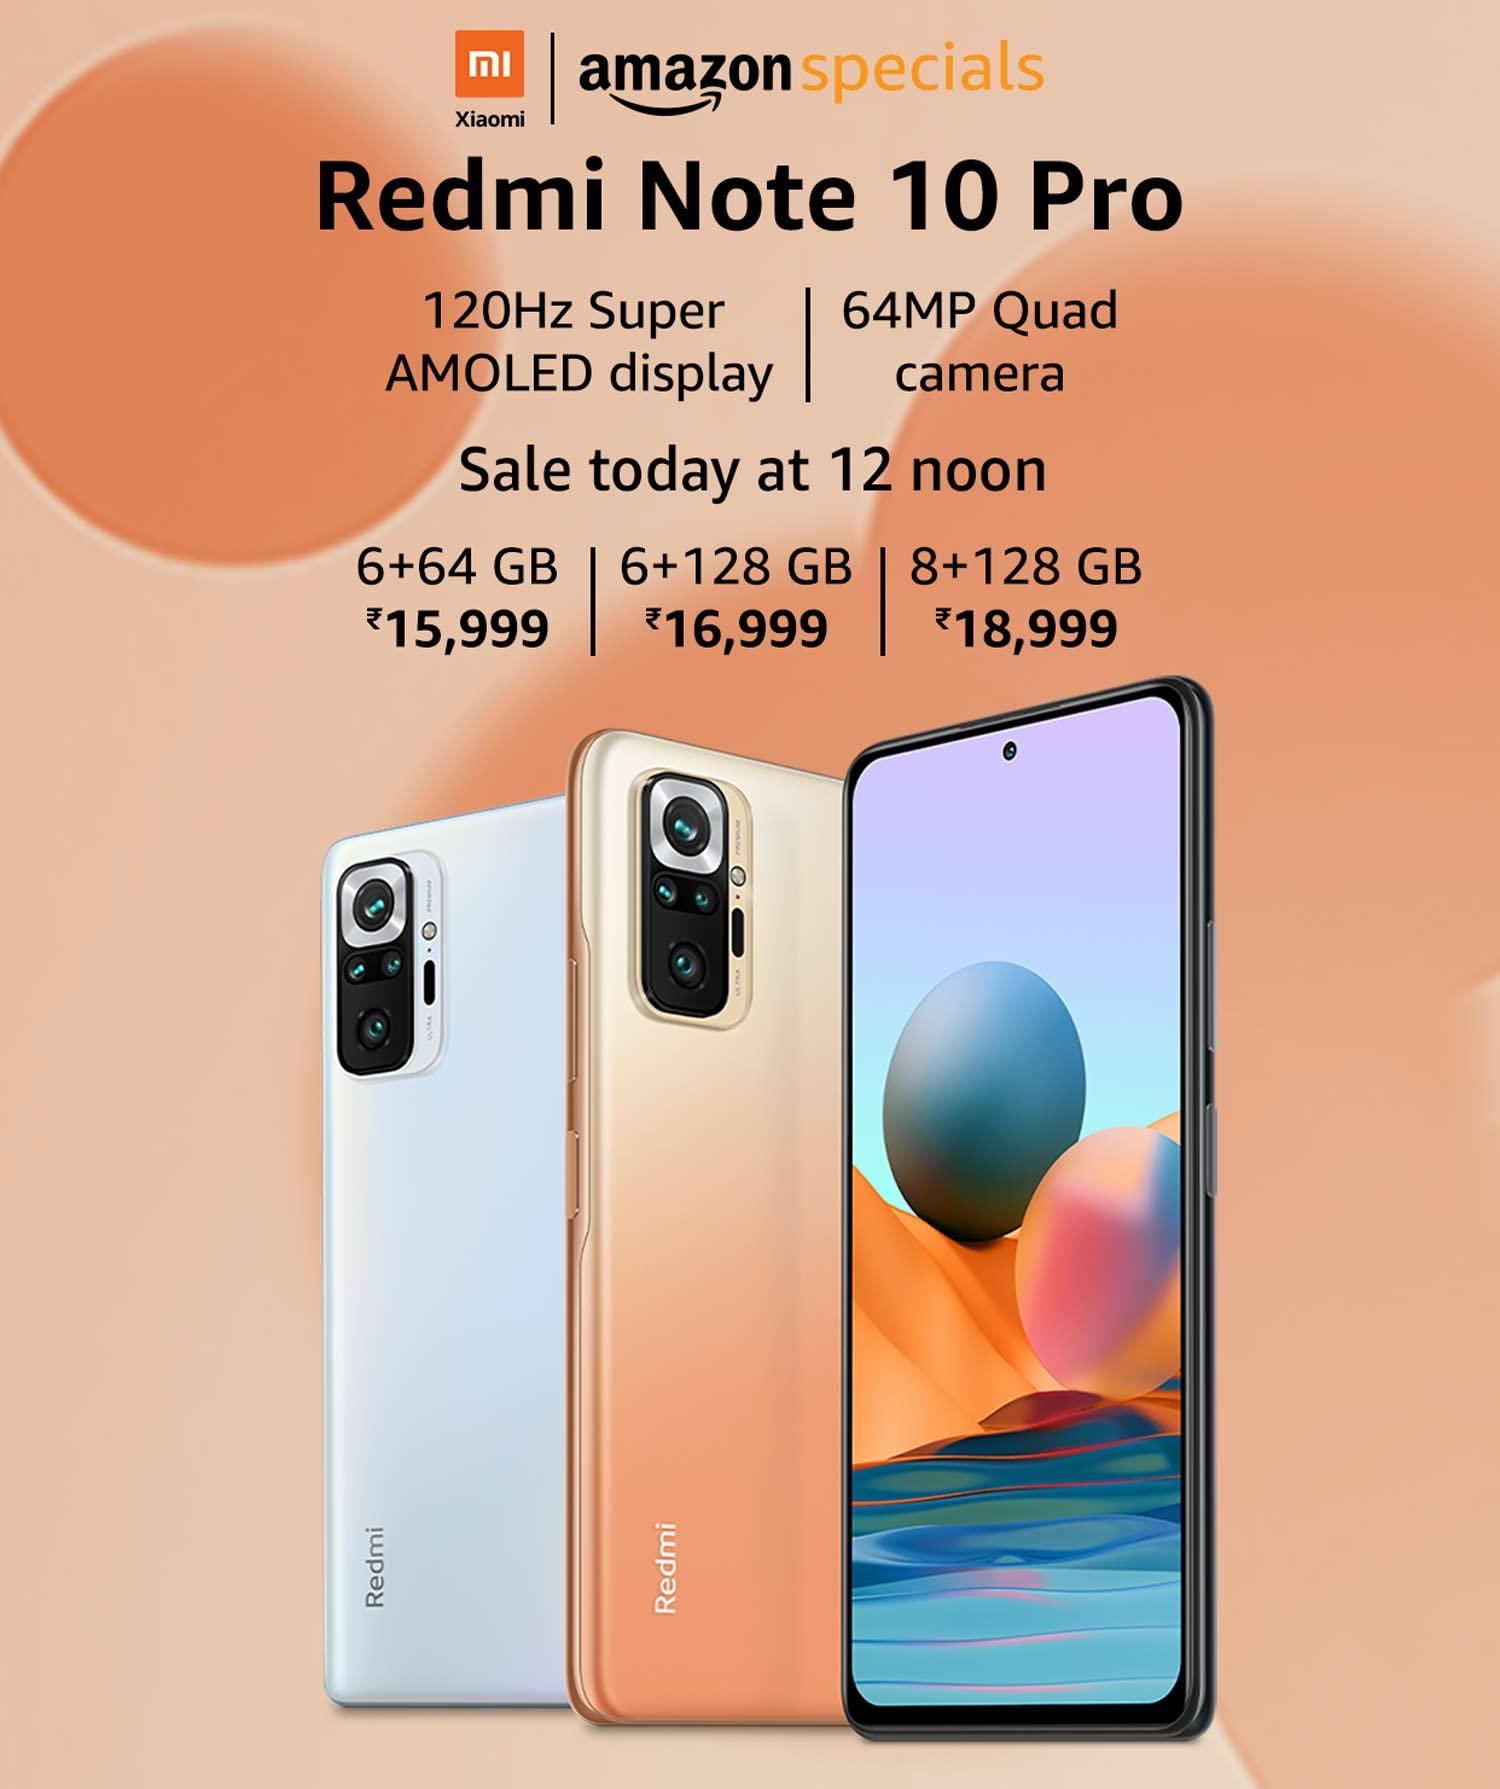 Ventas de Redmi Note 10 Pro